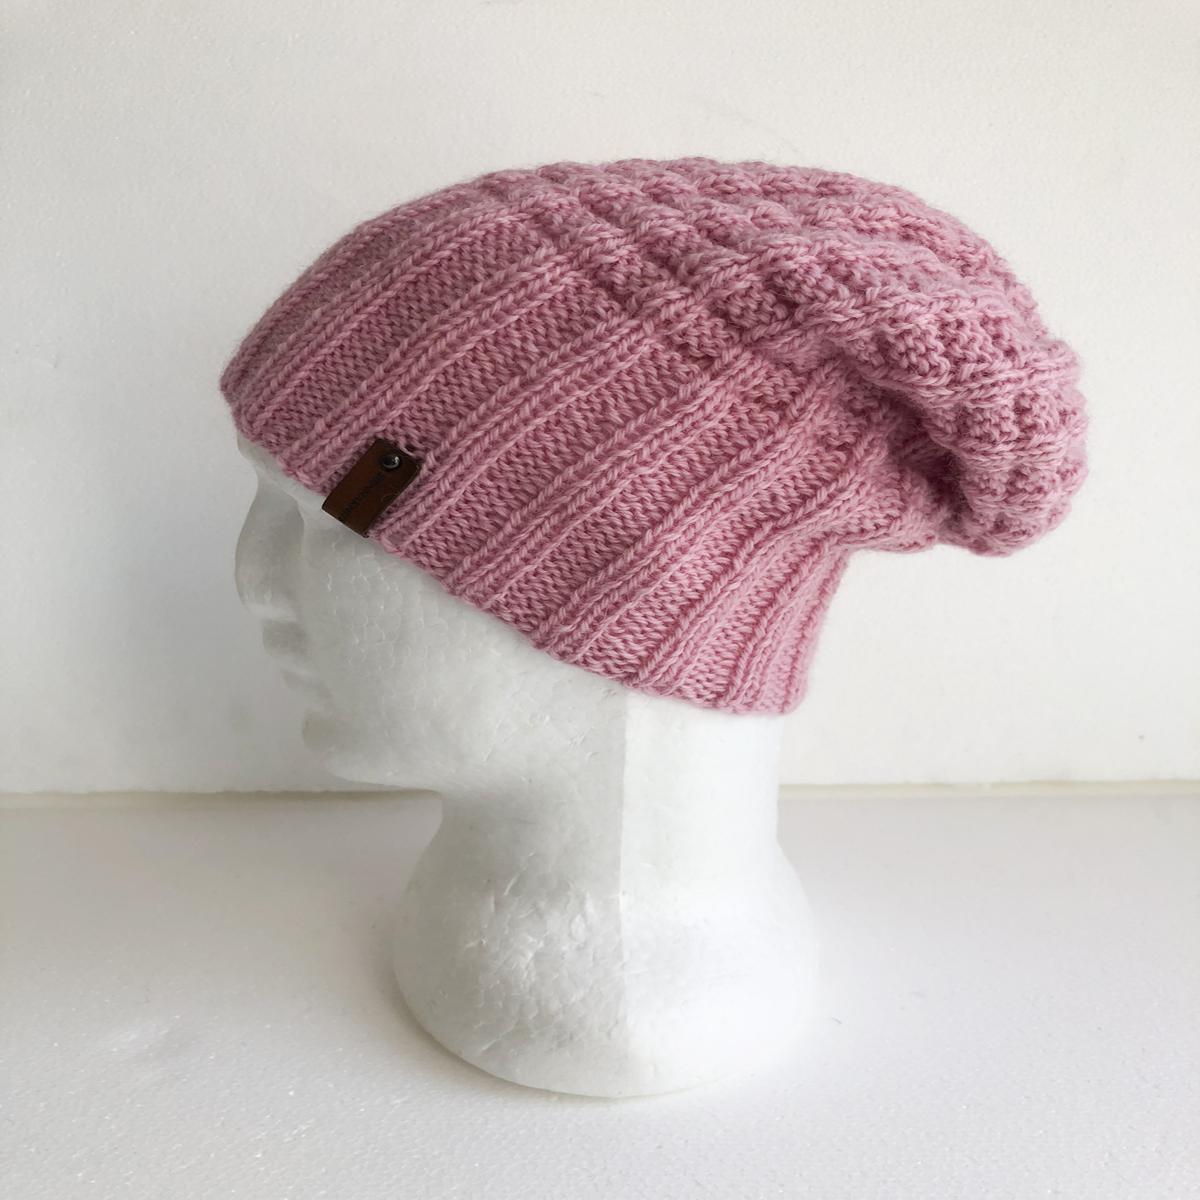 100-wool-knit-beanie-light-pink-for-women-by-siennaknits-by-siennaknits